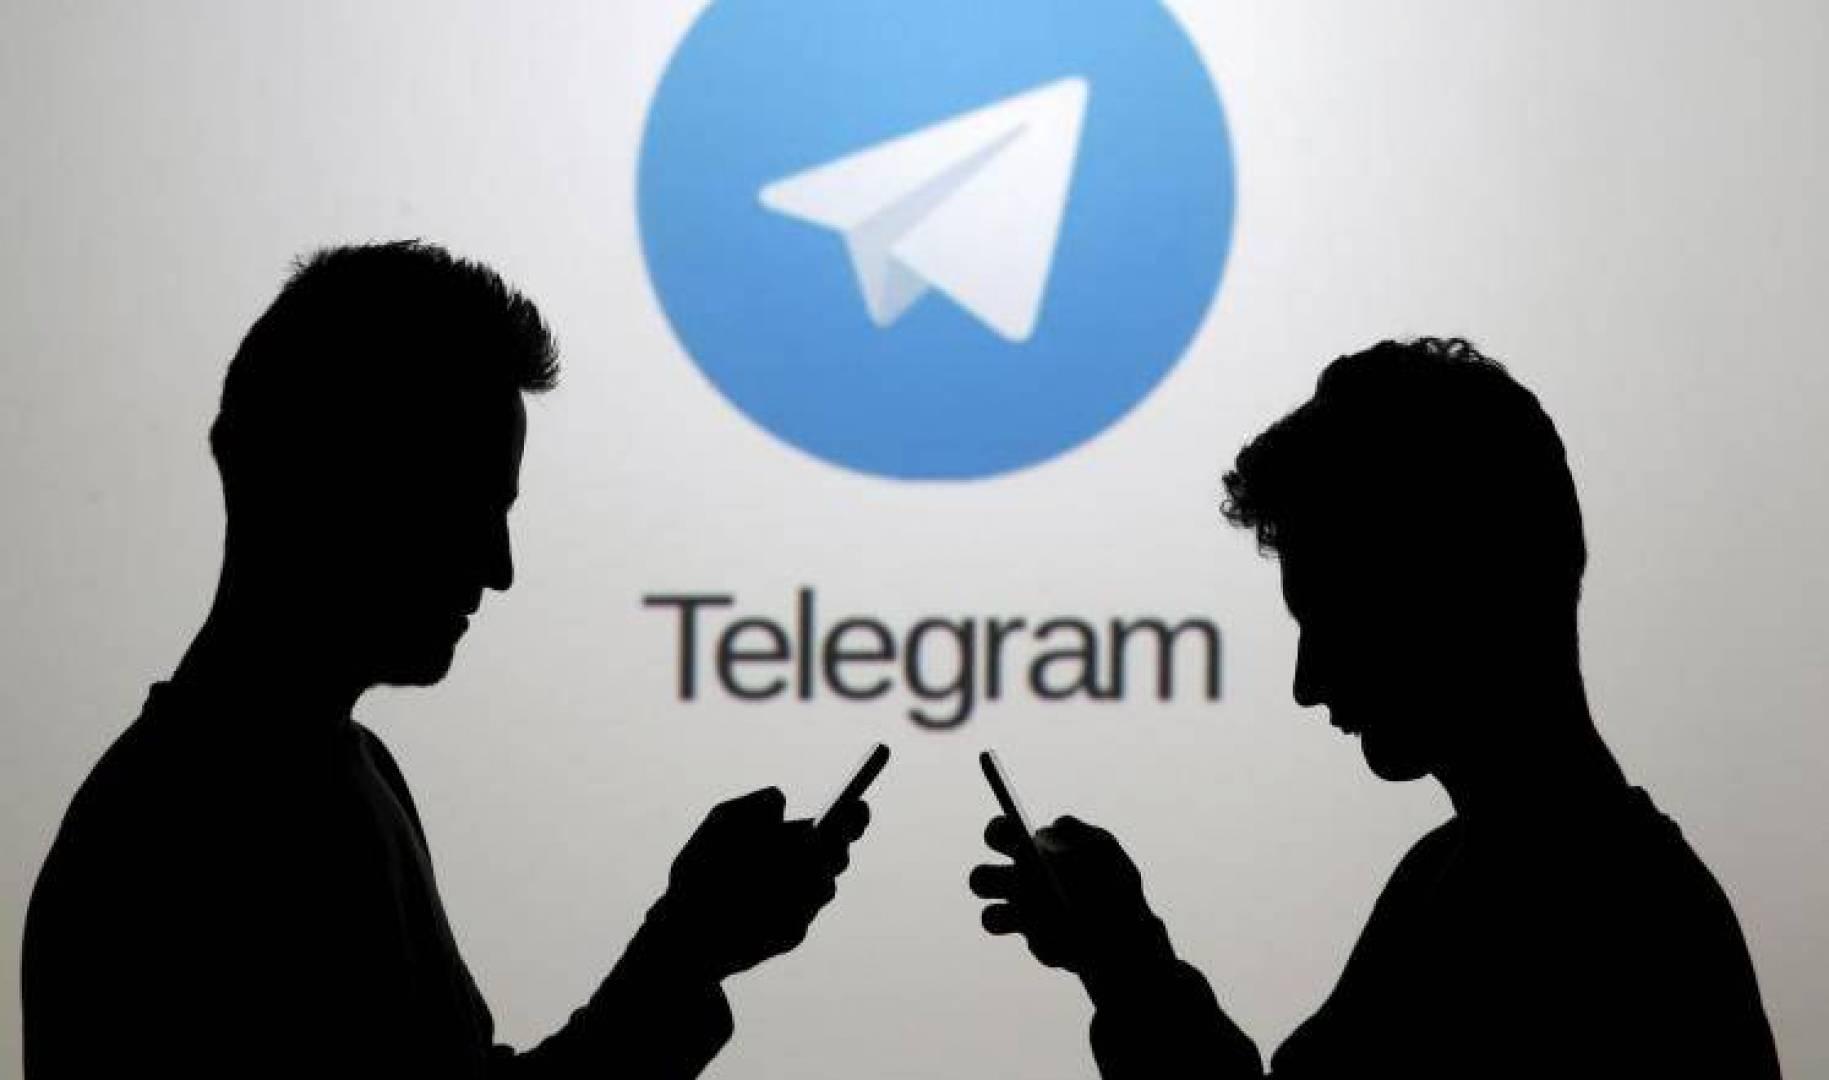 بعد سياسة الخصوصية الجديدة لـ«واتساب».. قفزة هائلة في اشتراكات «تيلغرام»